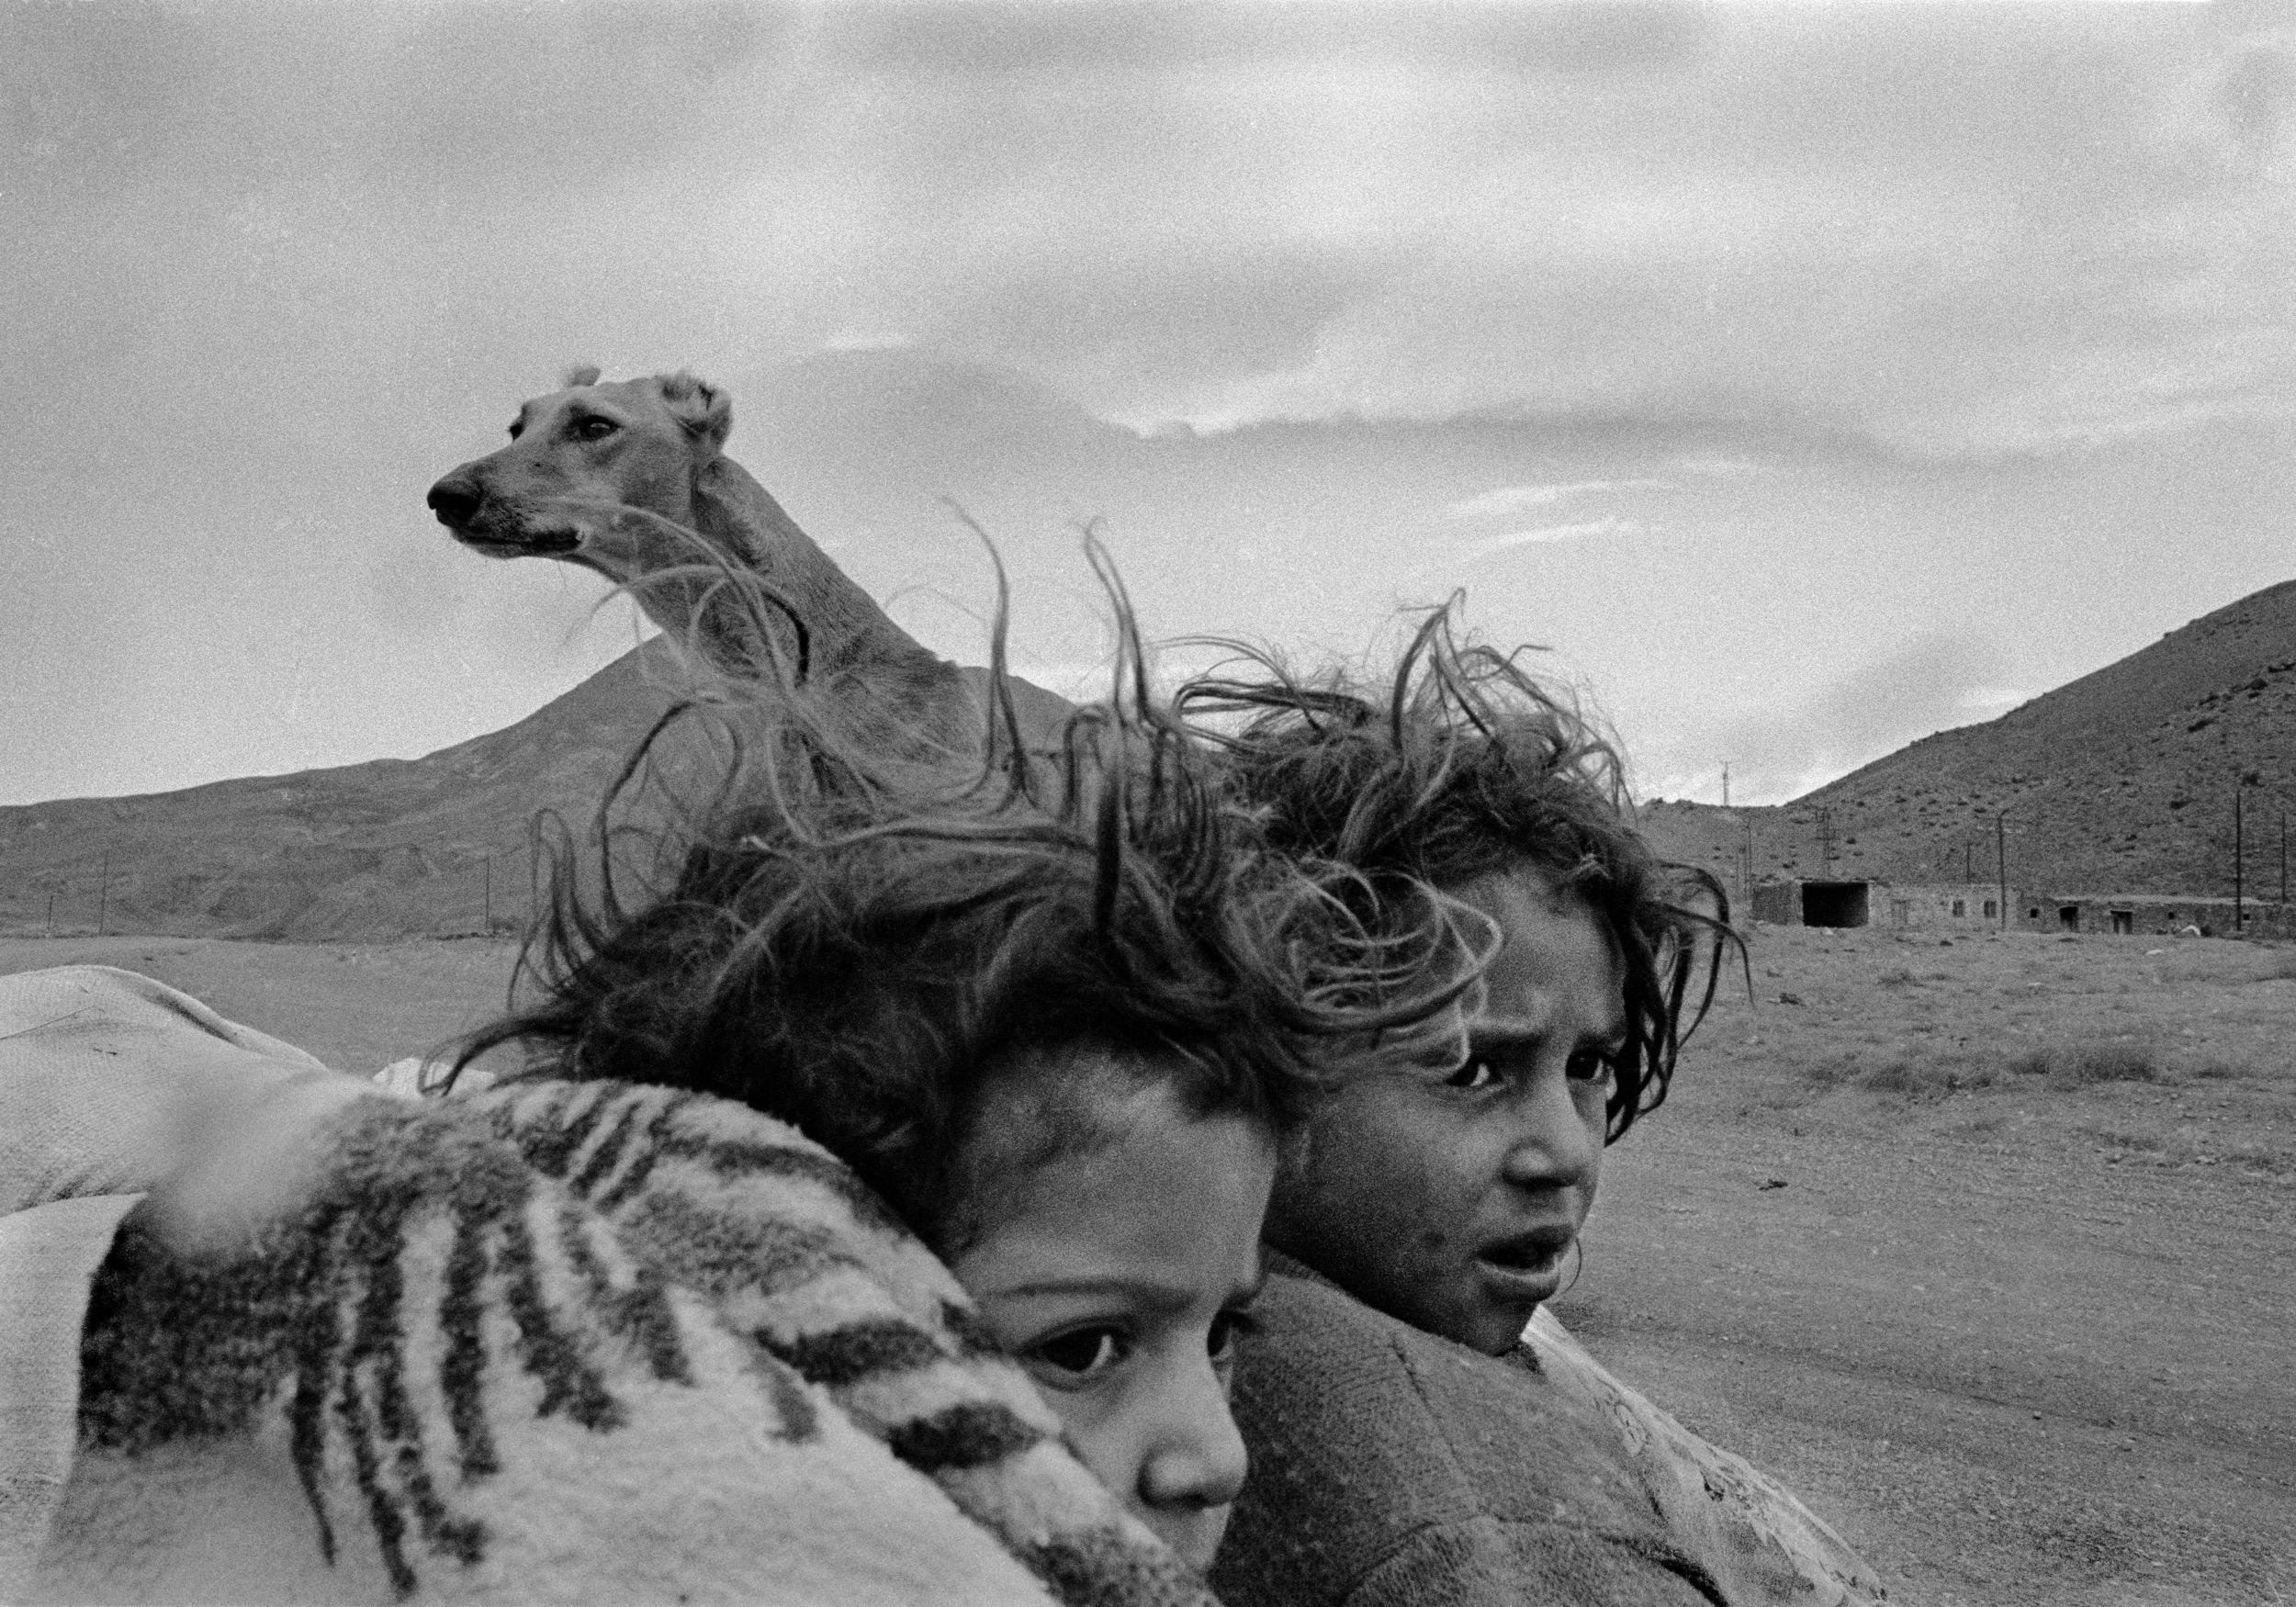 Nomads. Village in Kars, Turkey. 1990.